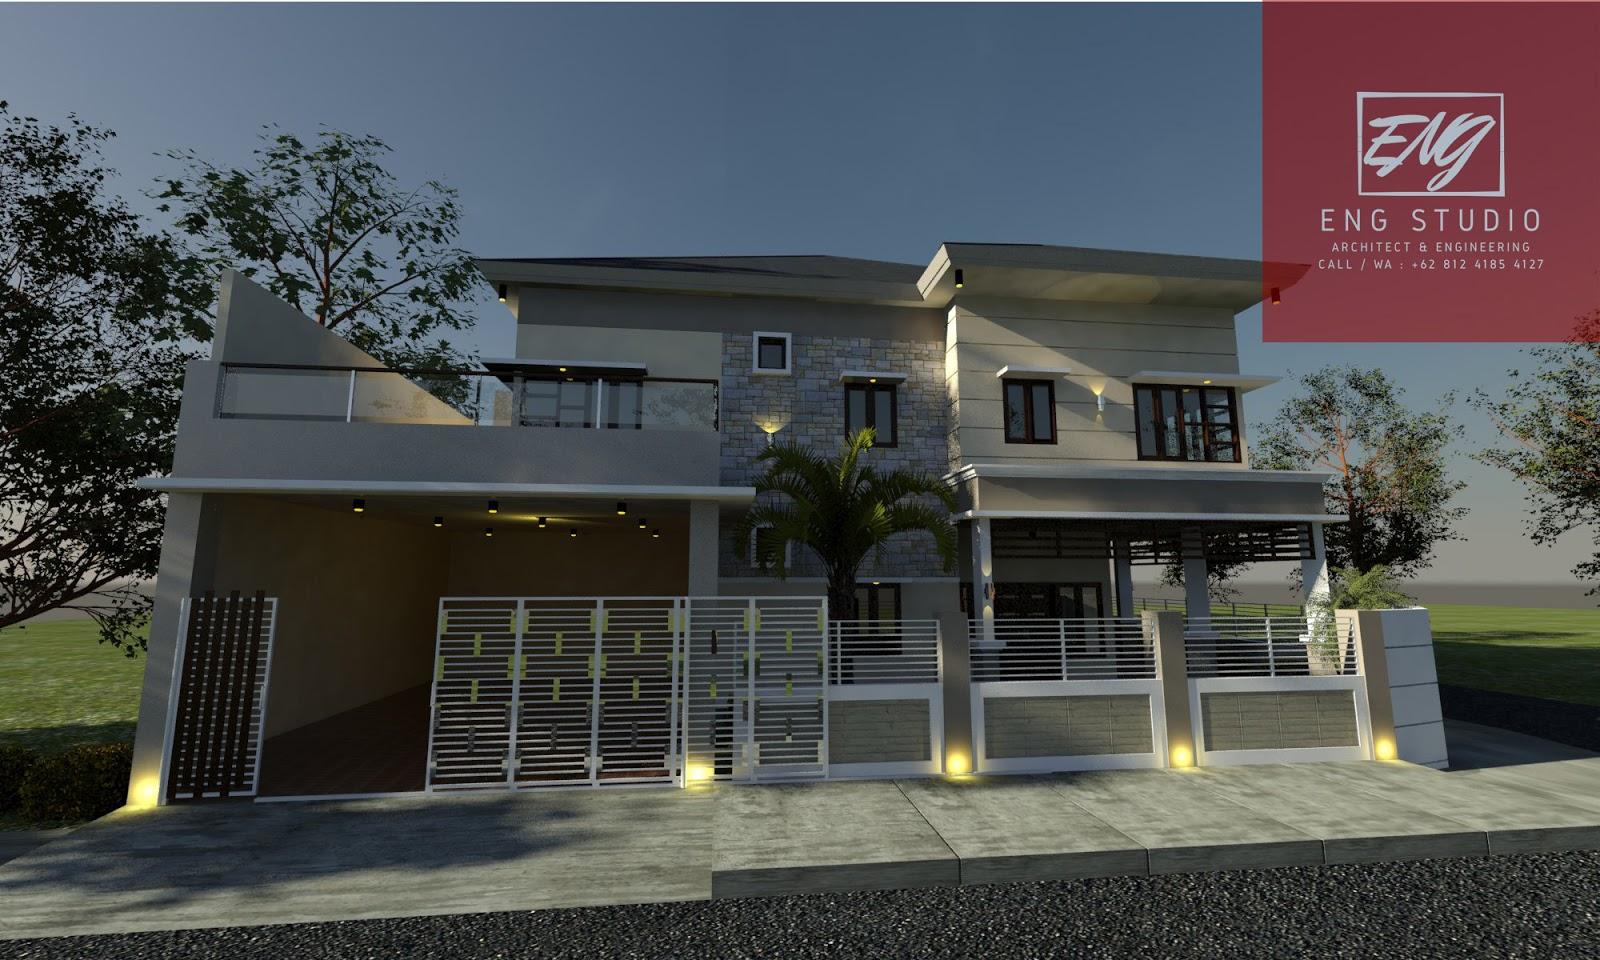 081241854127 T Sel Harga Gambar Rumah 2d Harga Gambar Rumah Per Meter